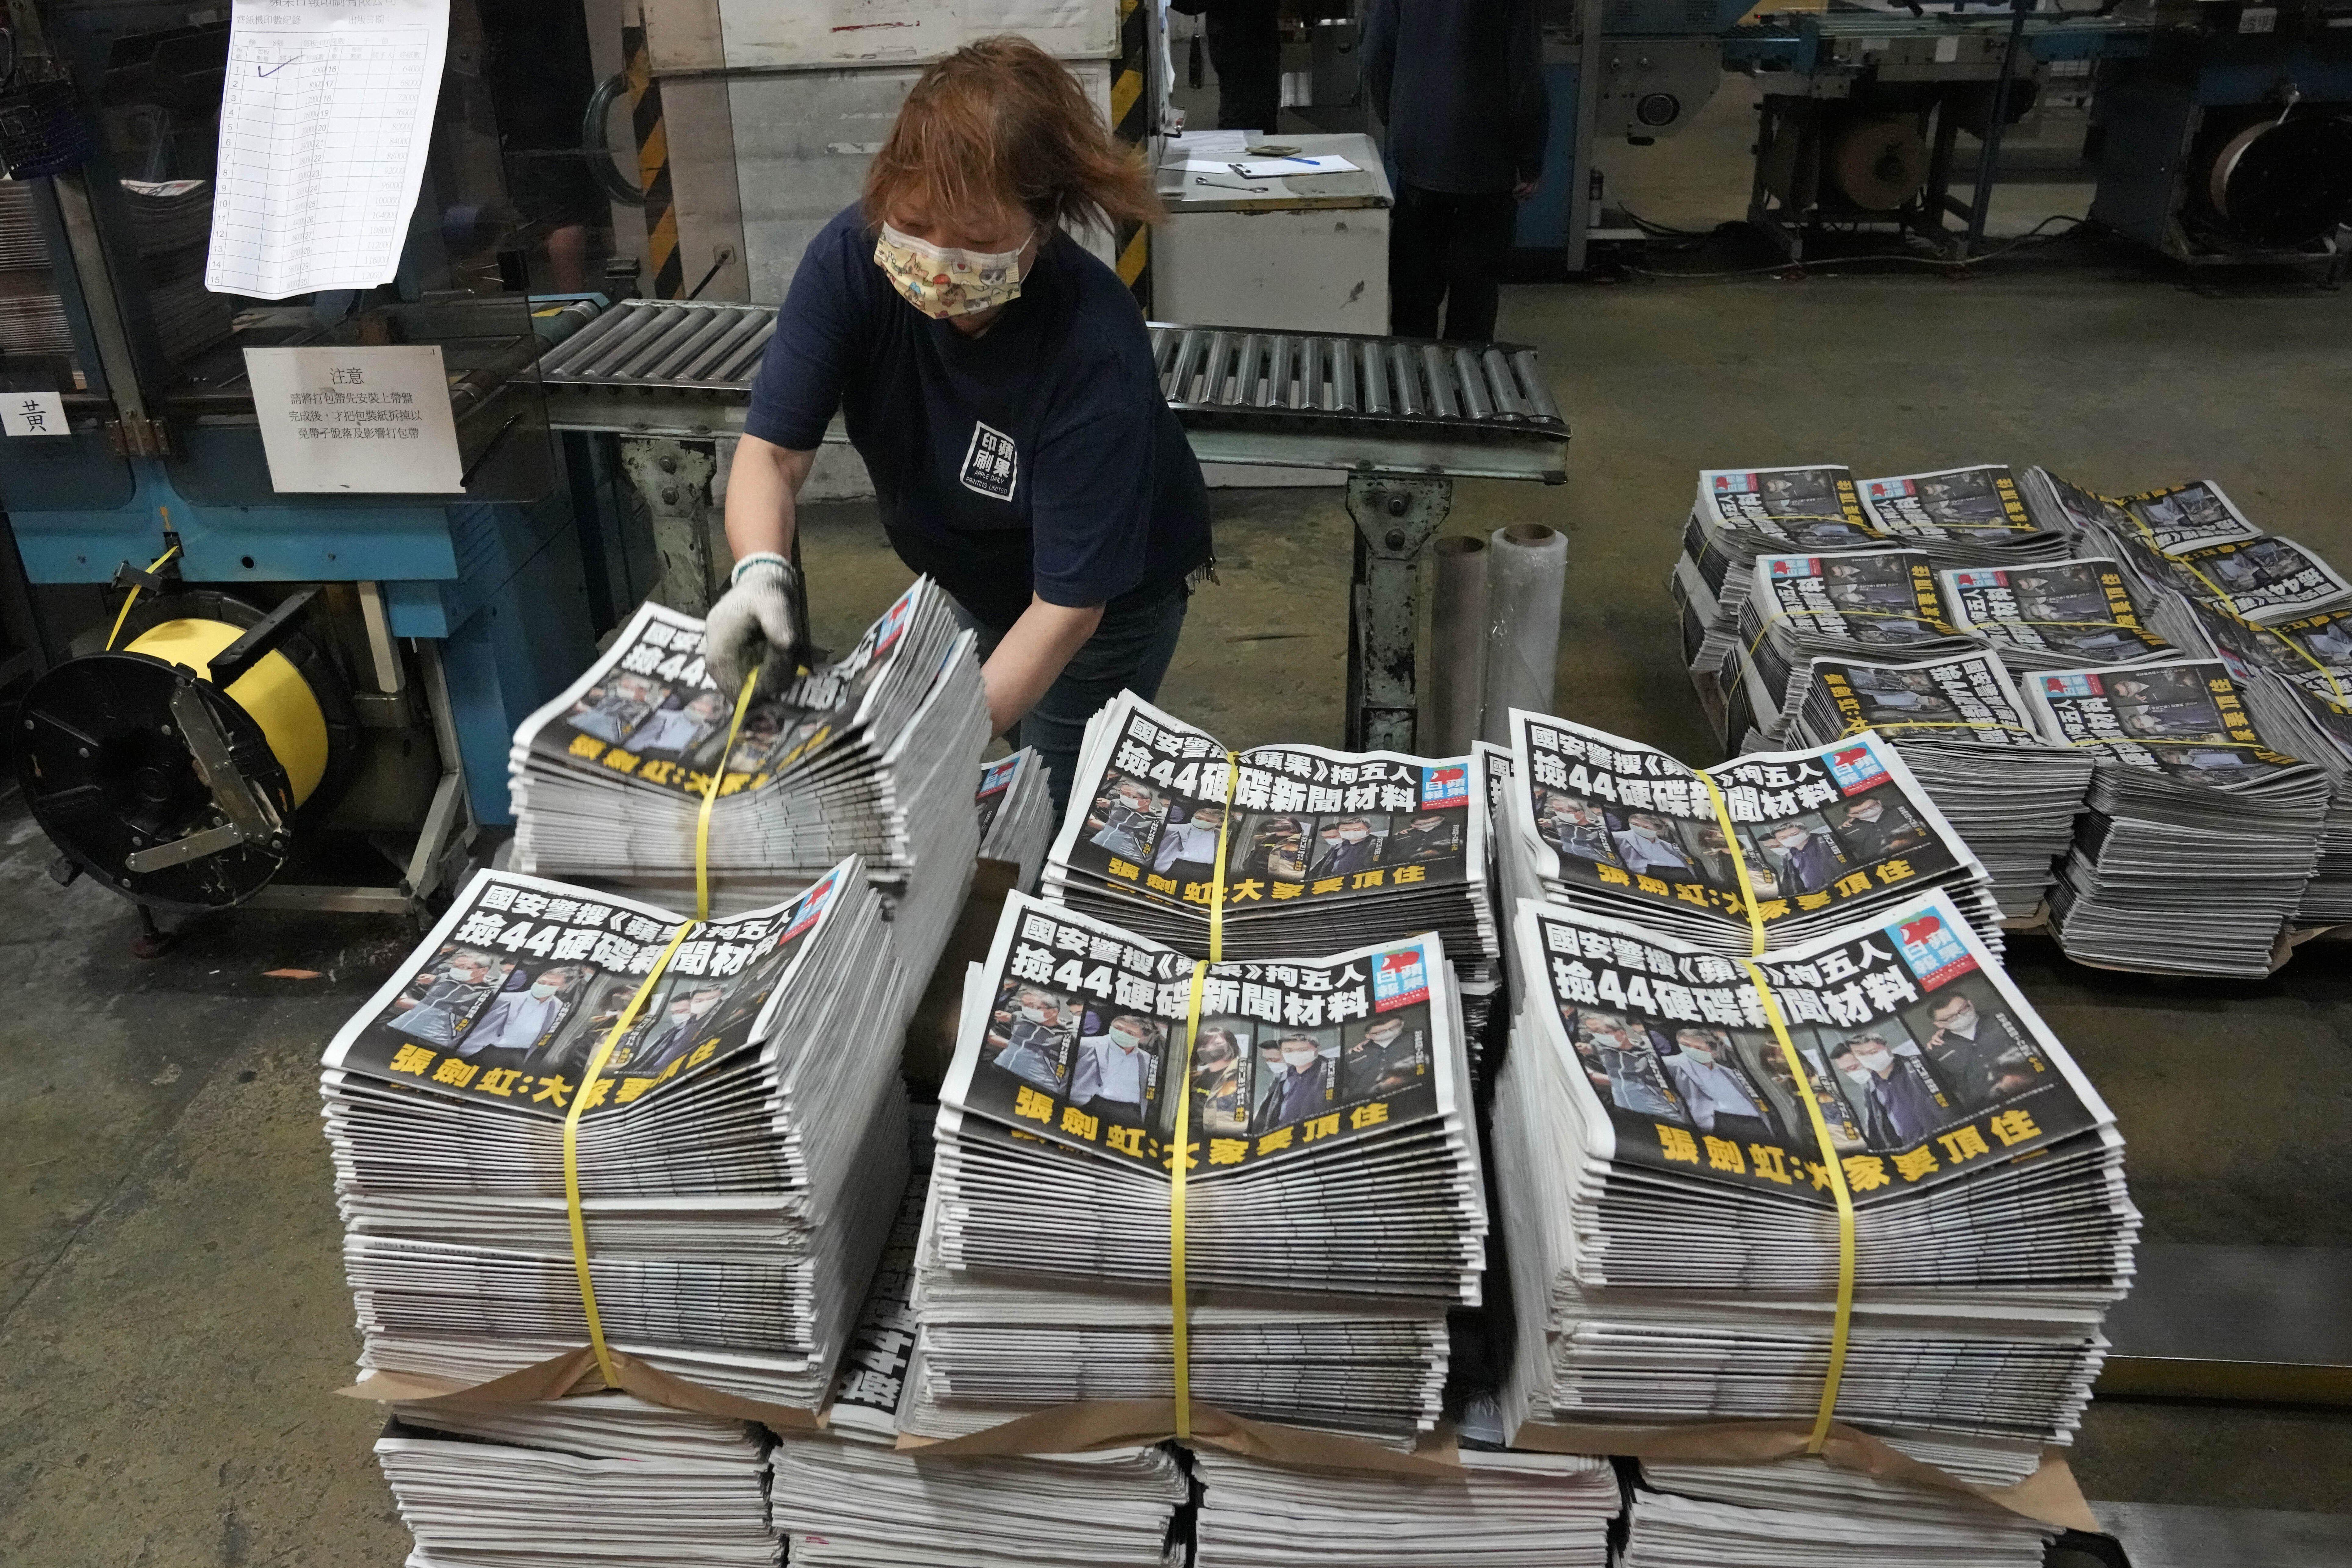 2021年6月,香港《蘋果日報》面臨關門危機(AP)